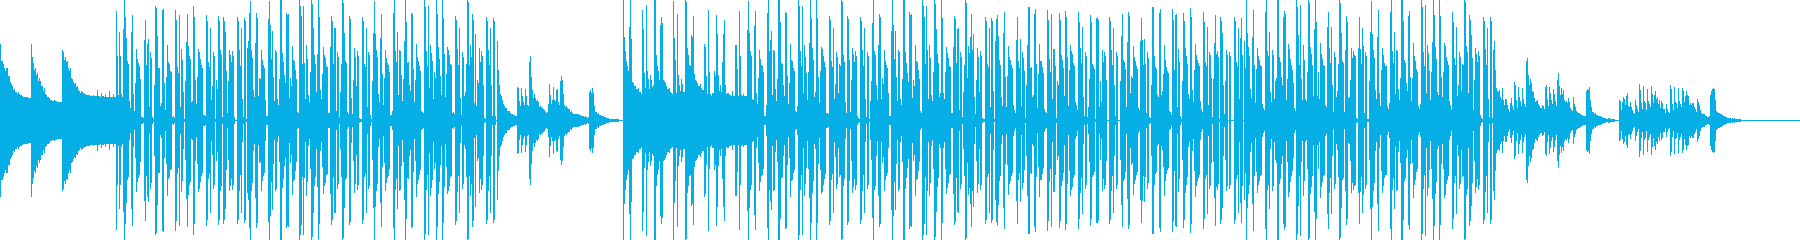 心地よいビートとピアノのチルヒップホップの再生済みの波形